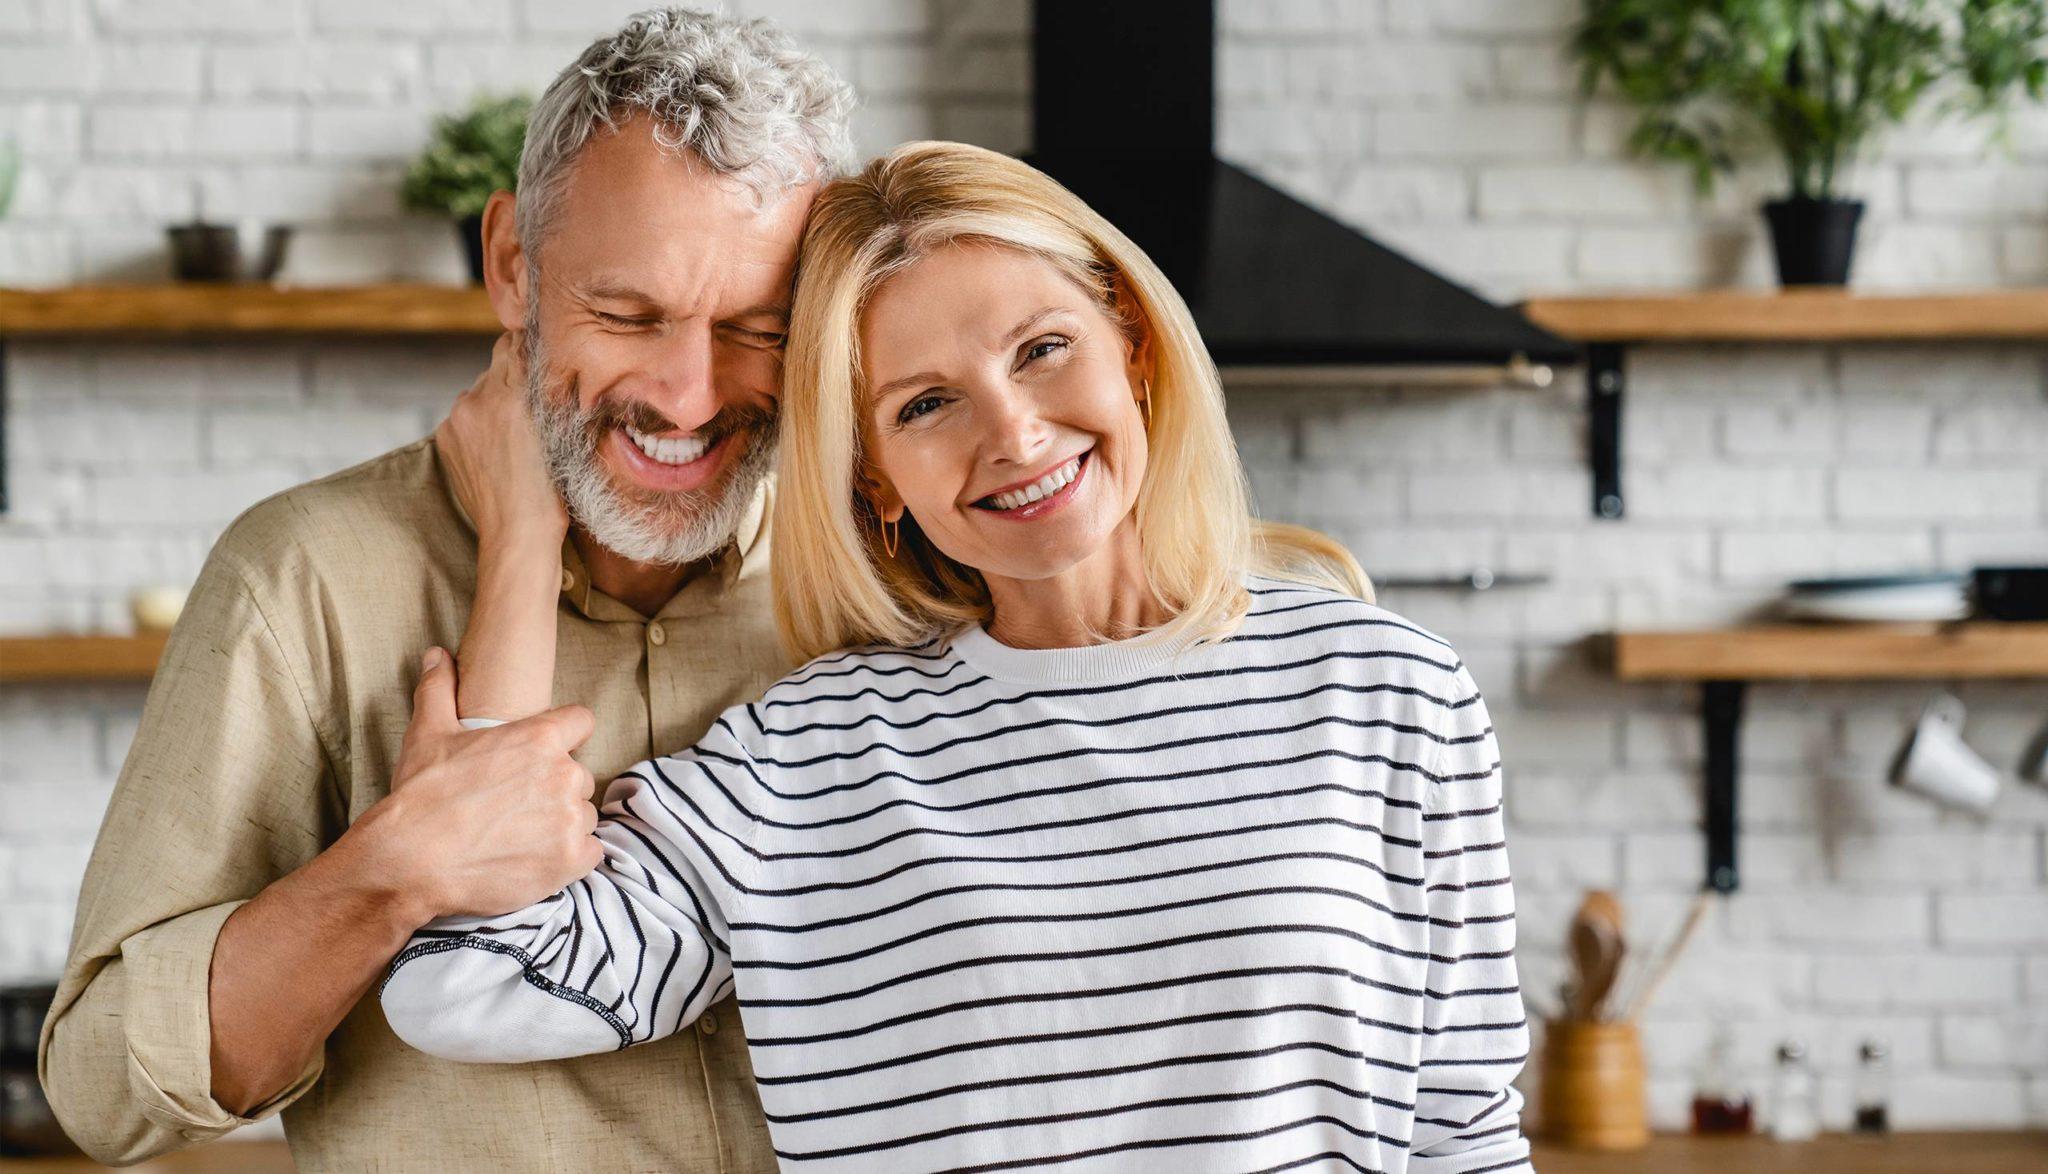 La importancia de cuidar la salud bucal cuando nos vamos haciendo mayores